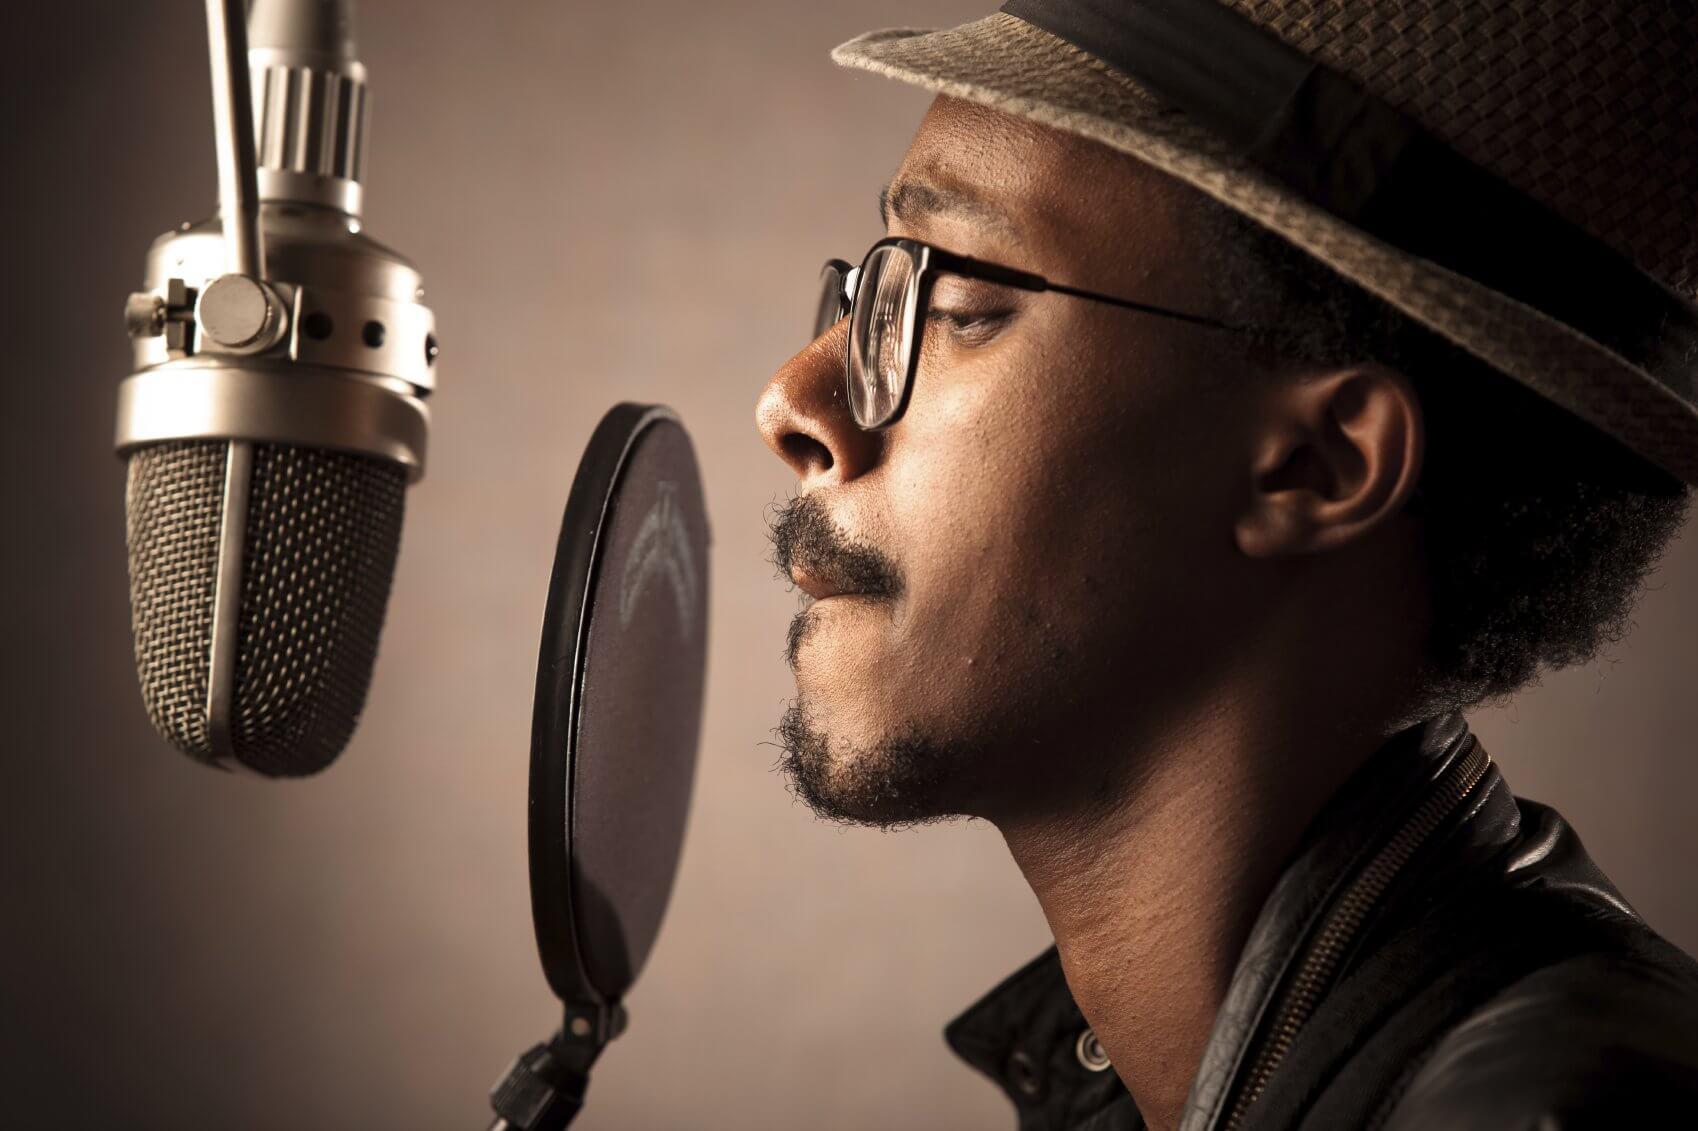 Нравится ли Вам звучание Вашего голоса в записи